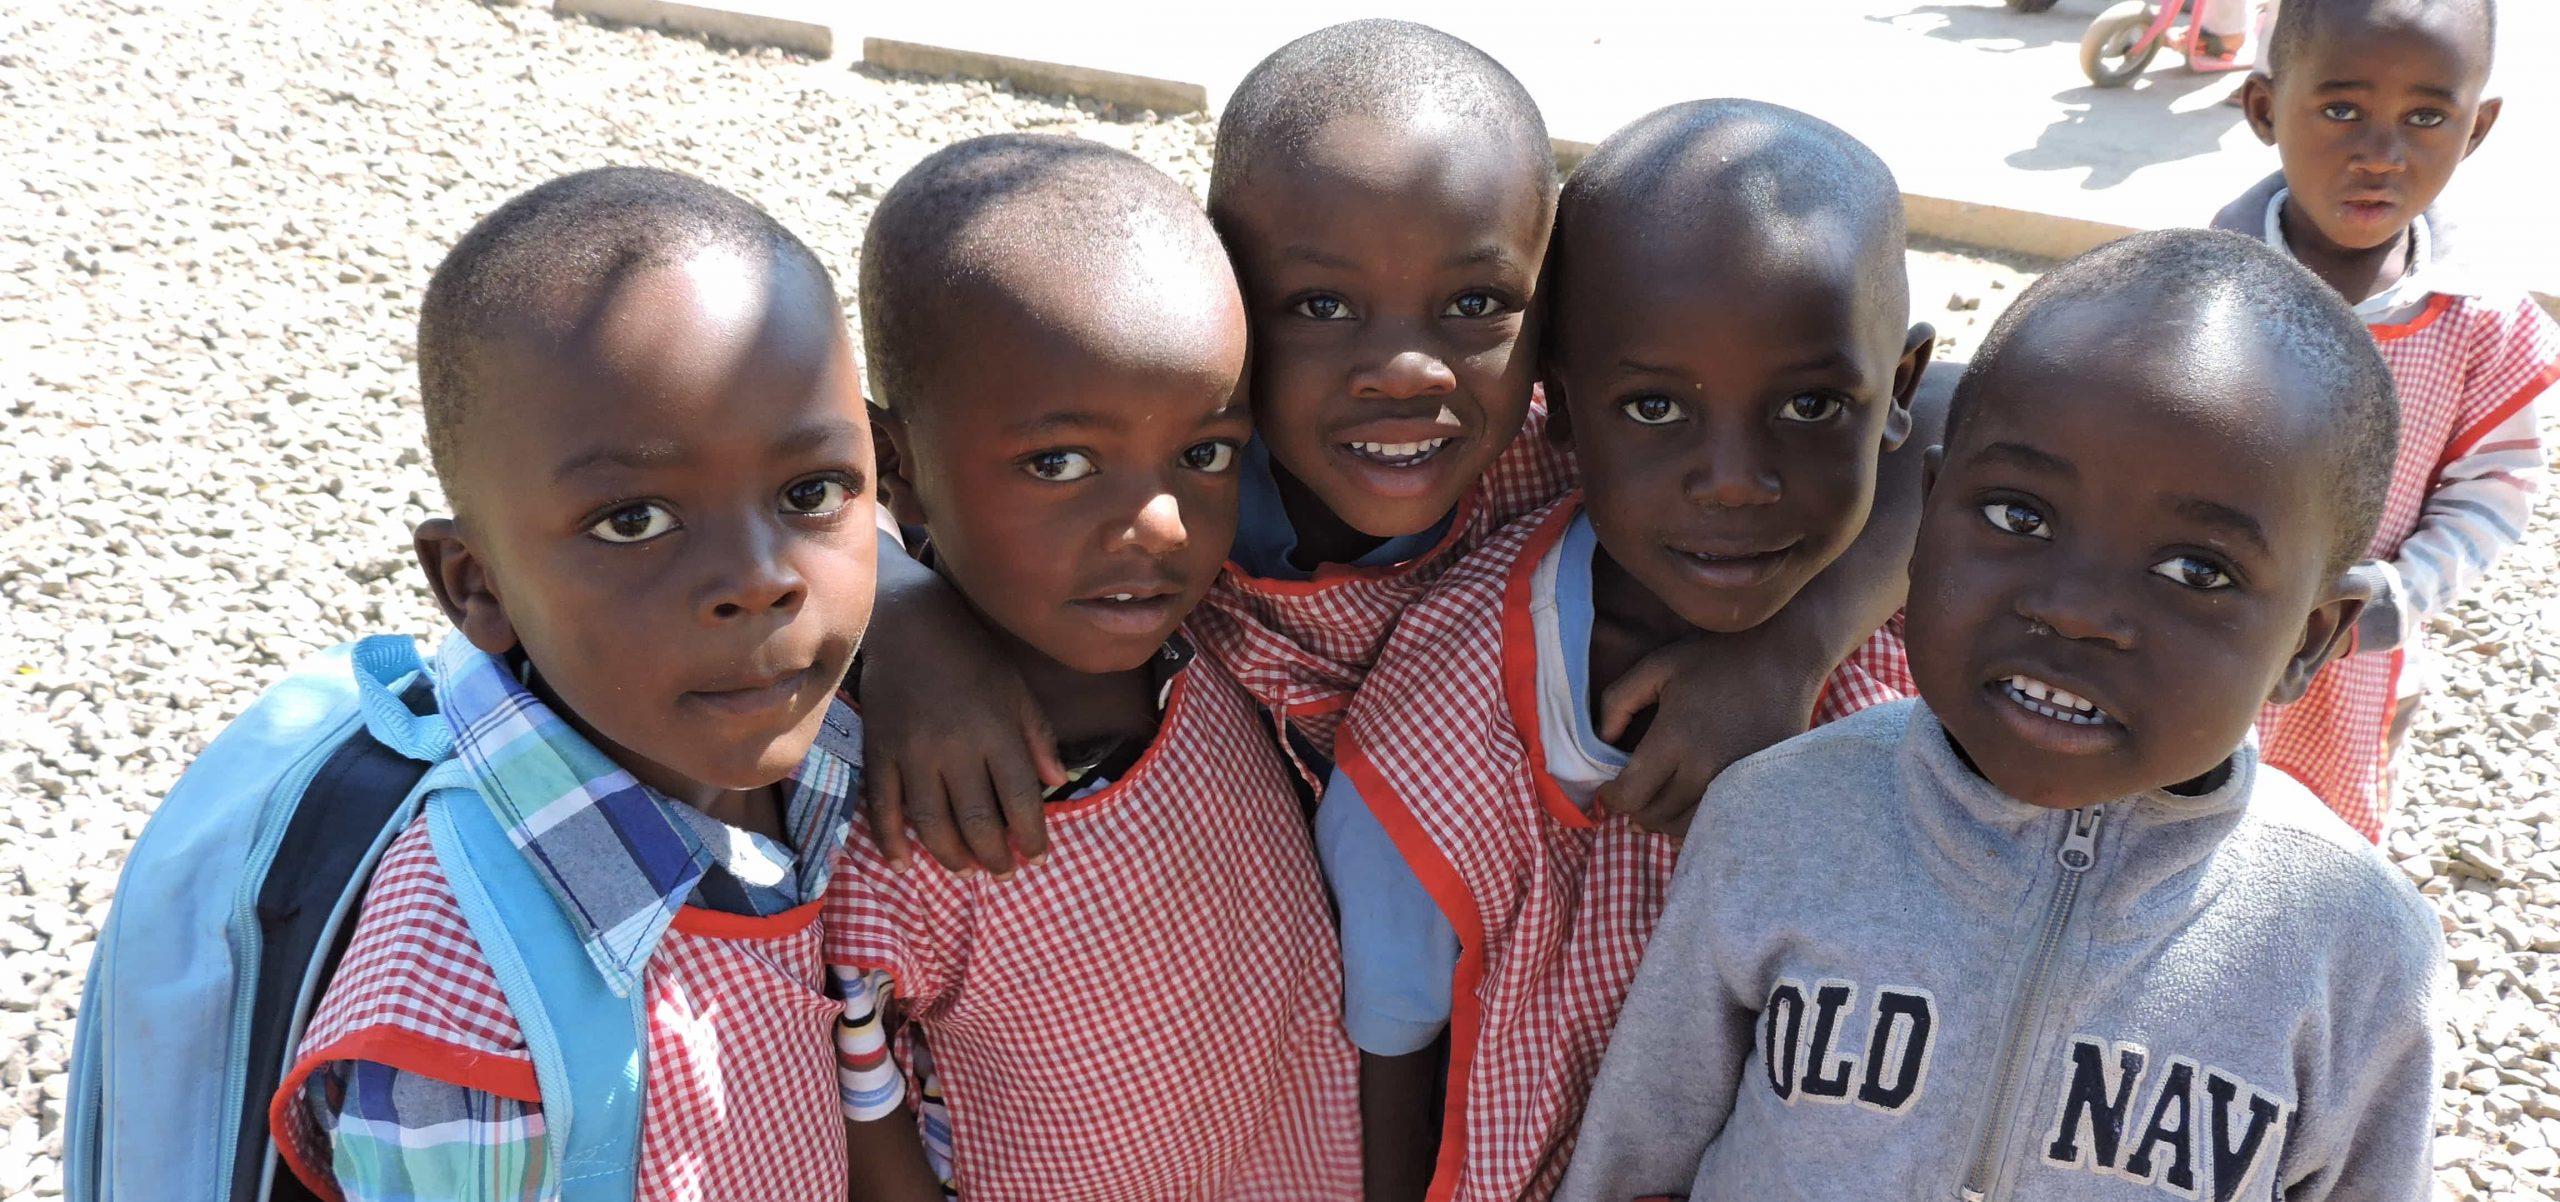 Kinderen in school uniform